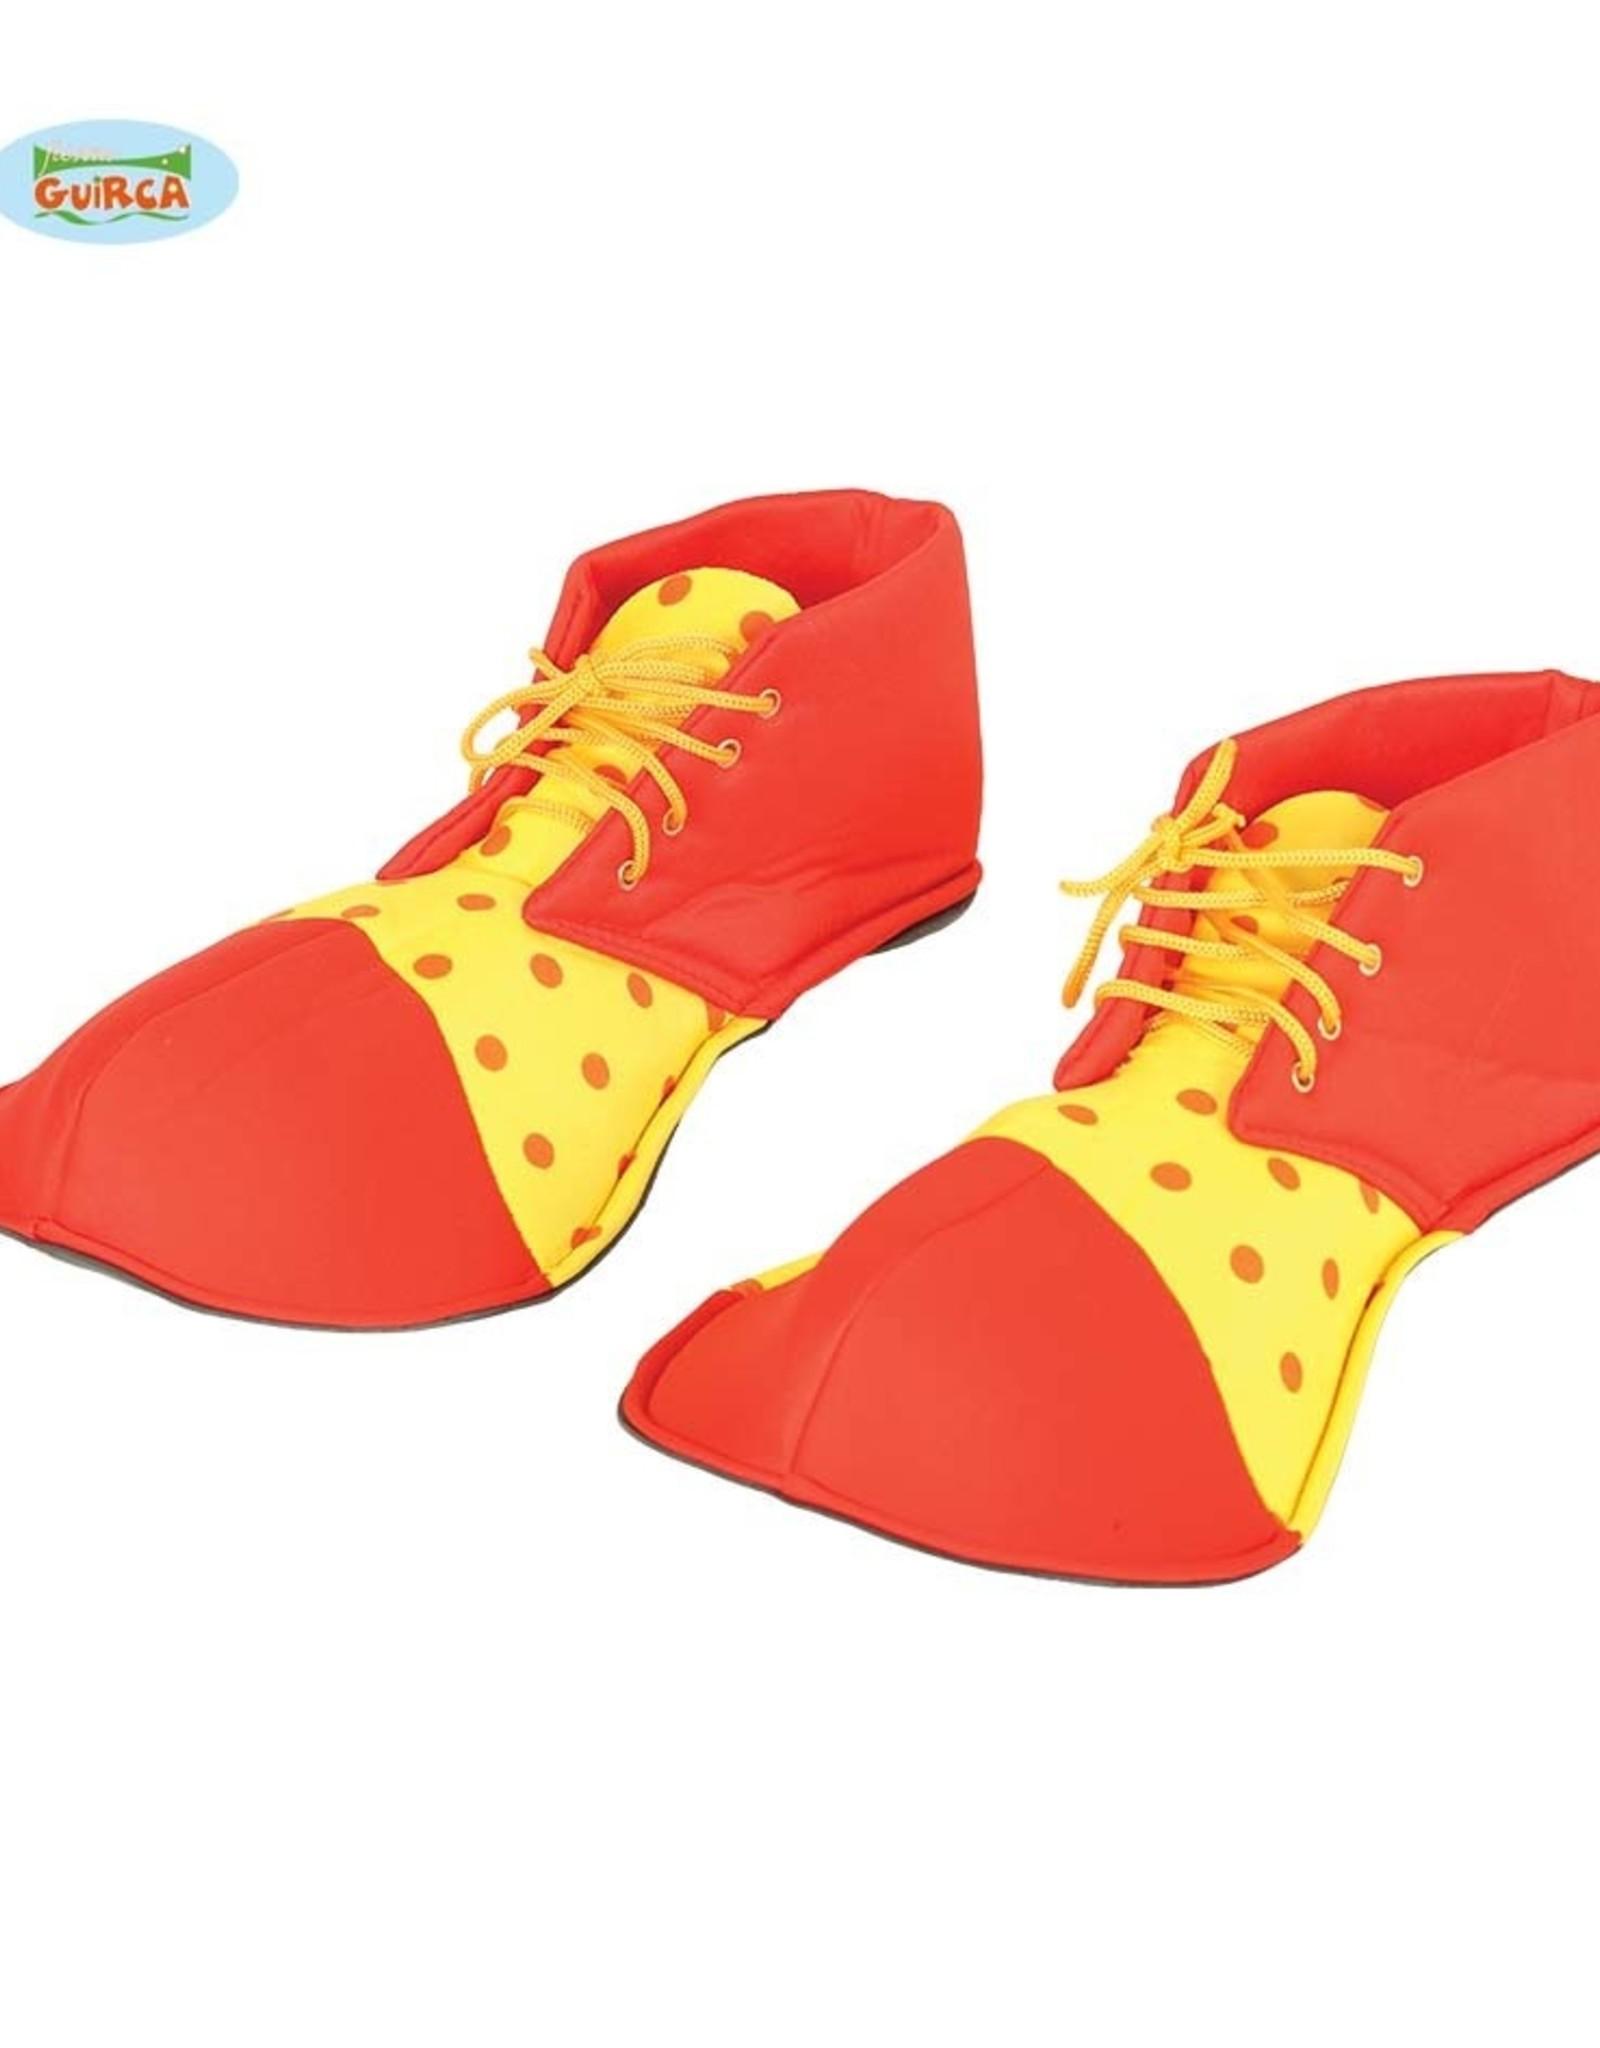 FIESTAS GUIRCA Clownsschoenen rood/geel